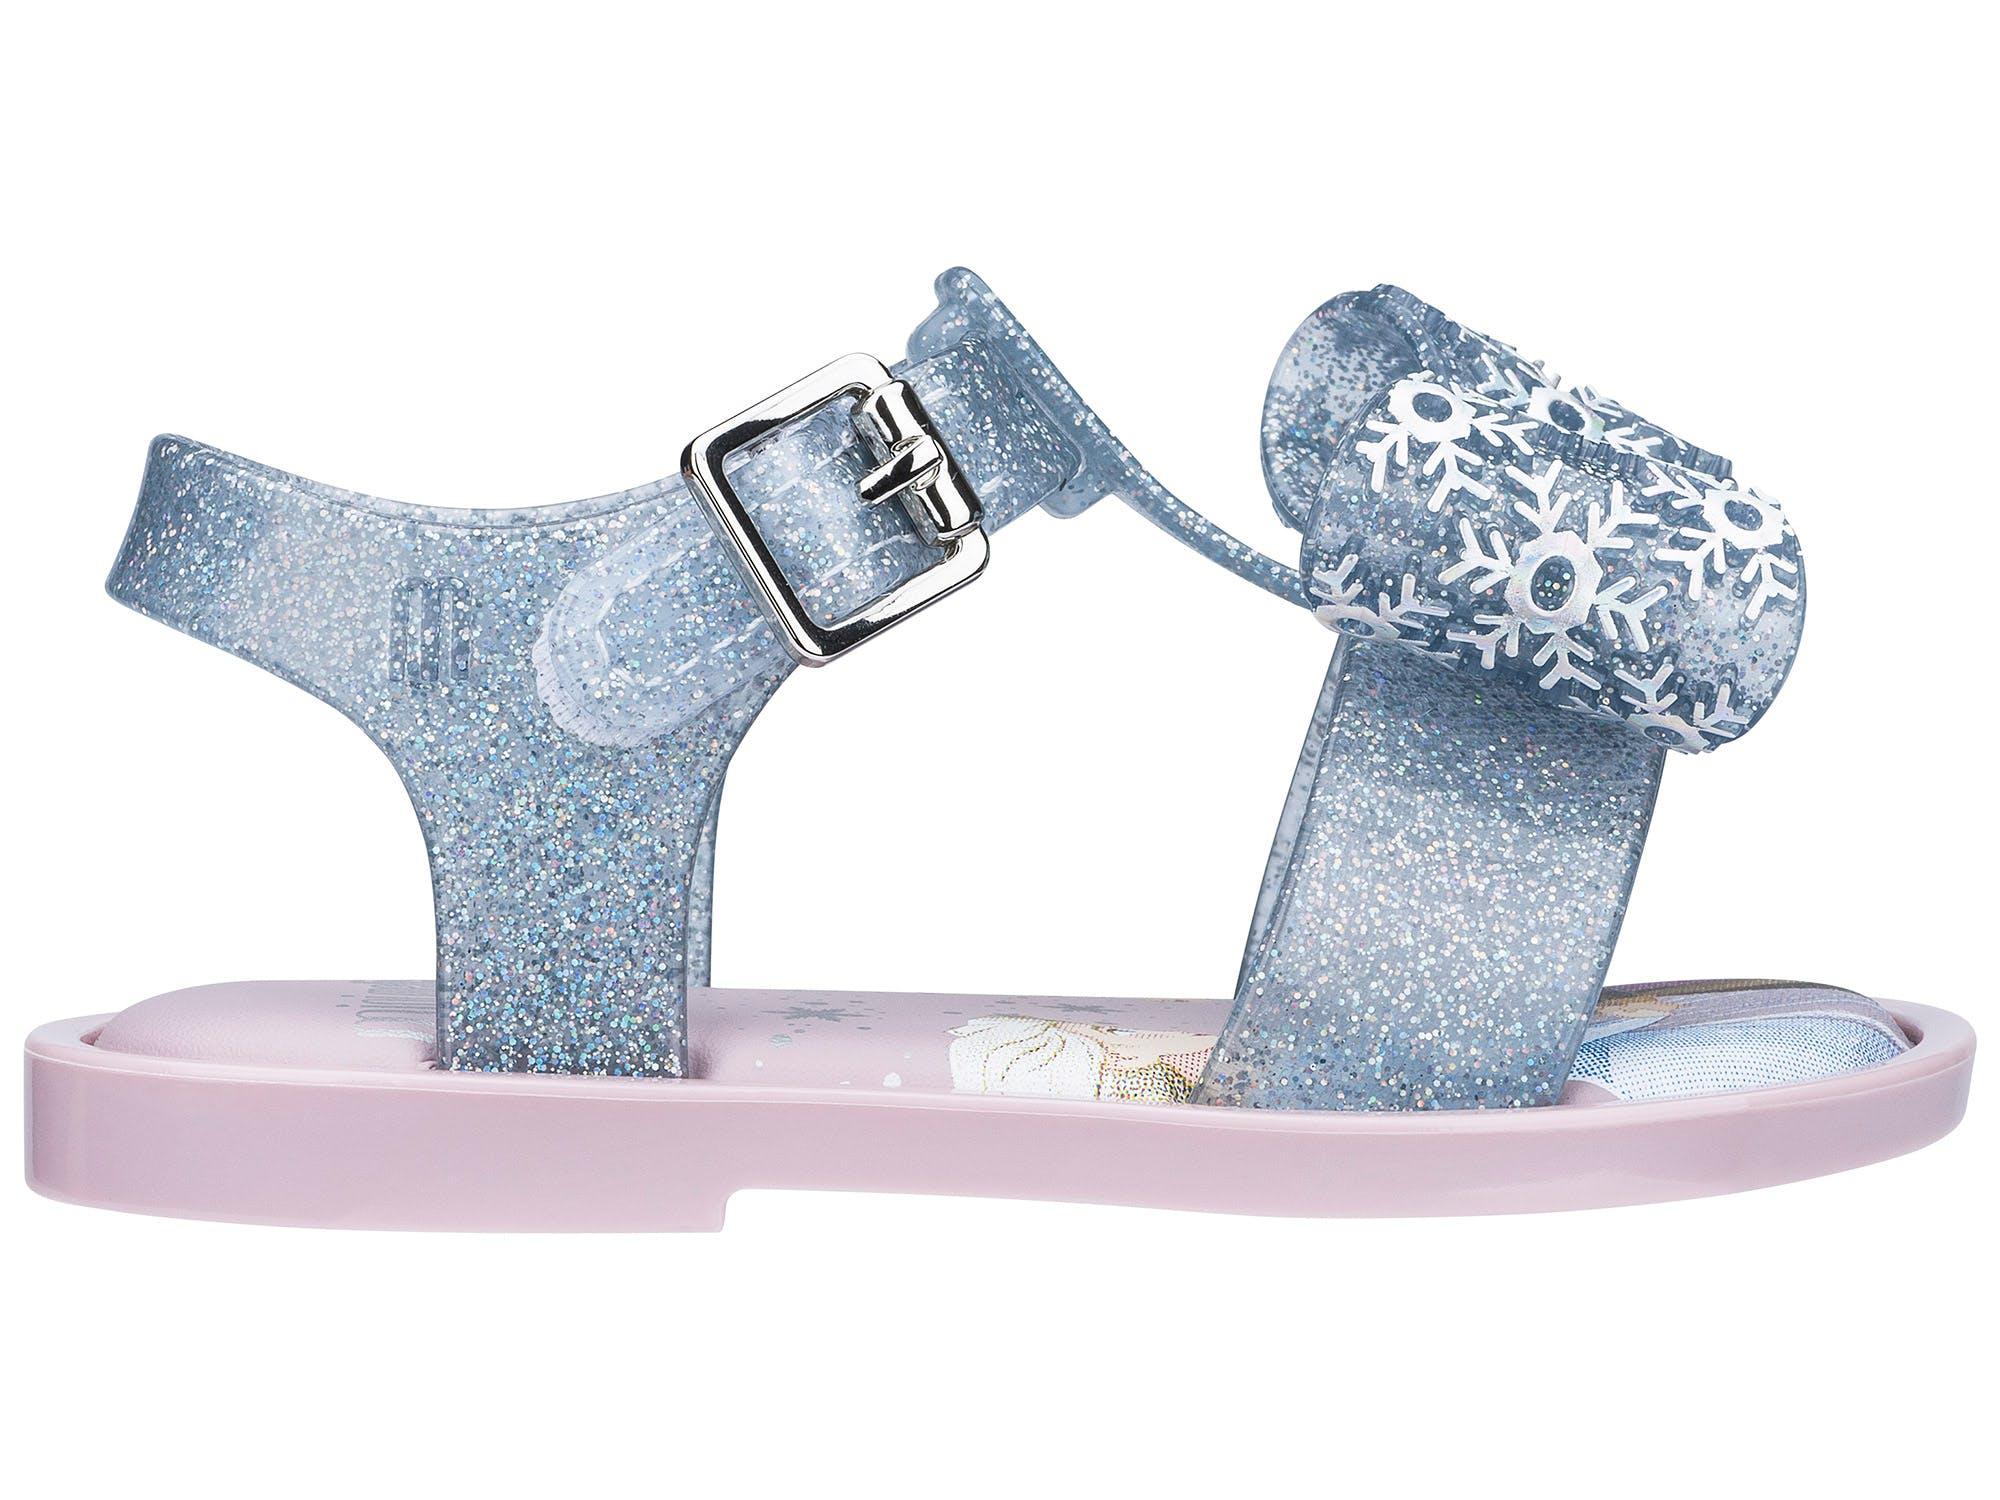 Mini Melissa Mar Sandal Frozen Azul/Vidro Glitter Prata